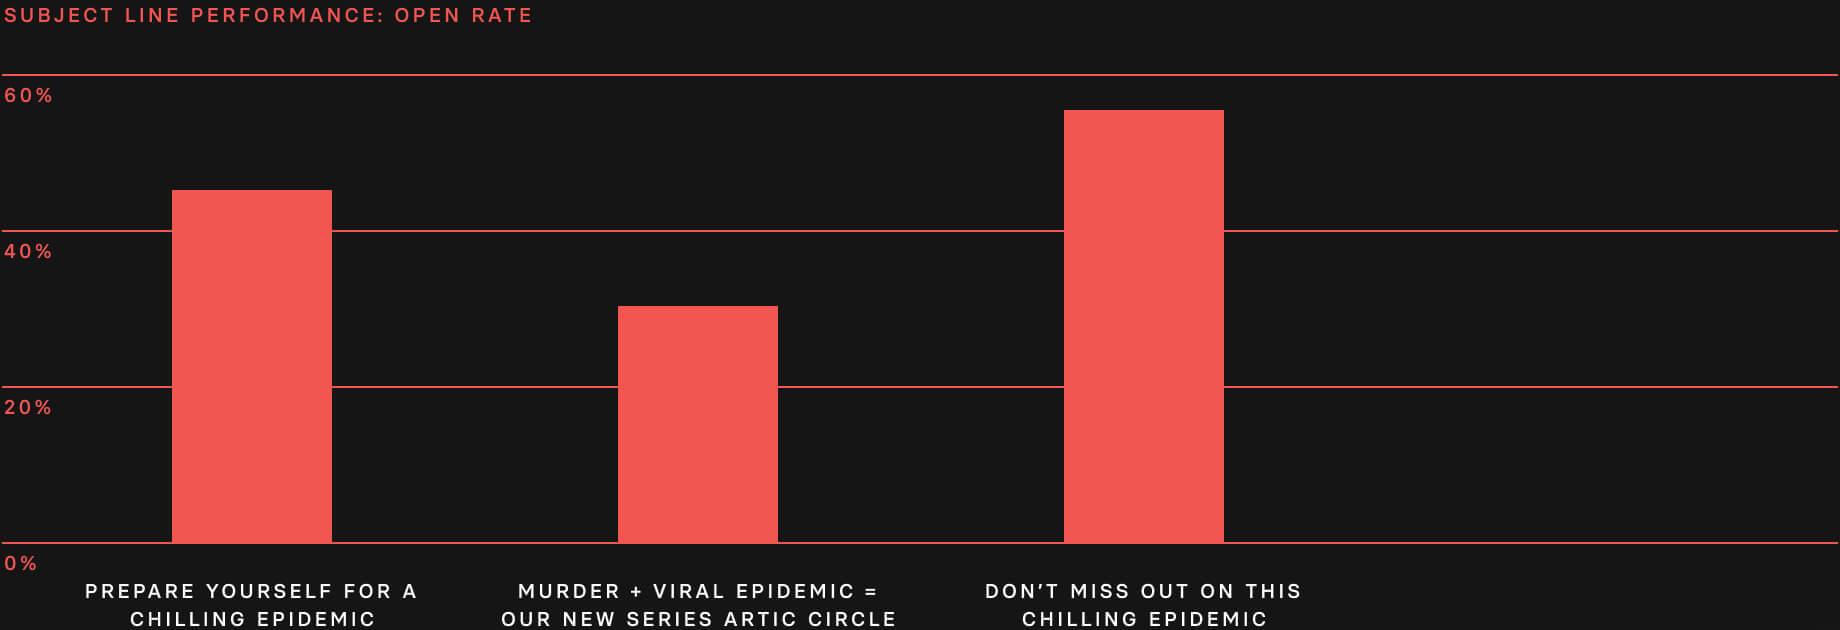 Topic SA Graph1 Image